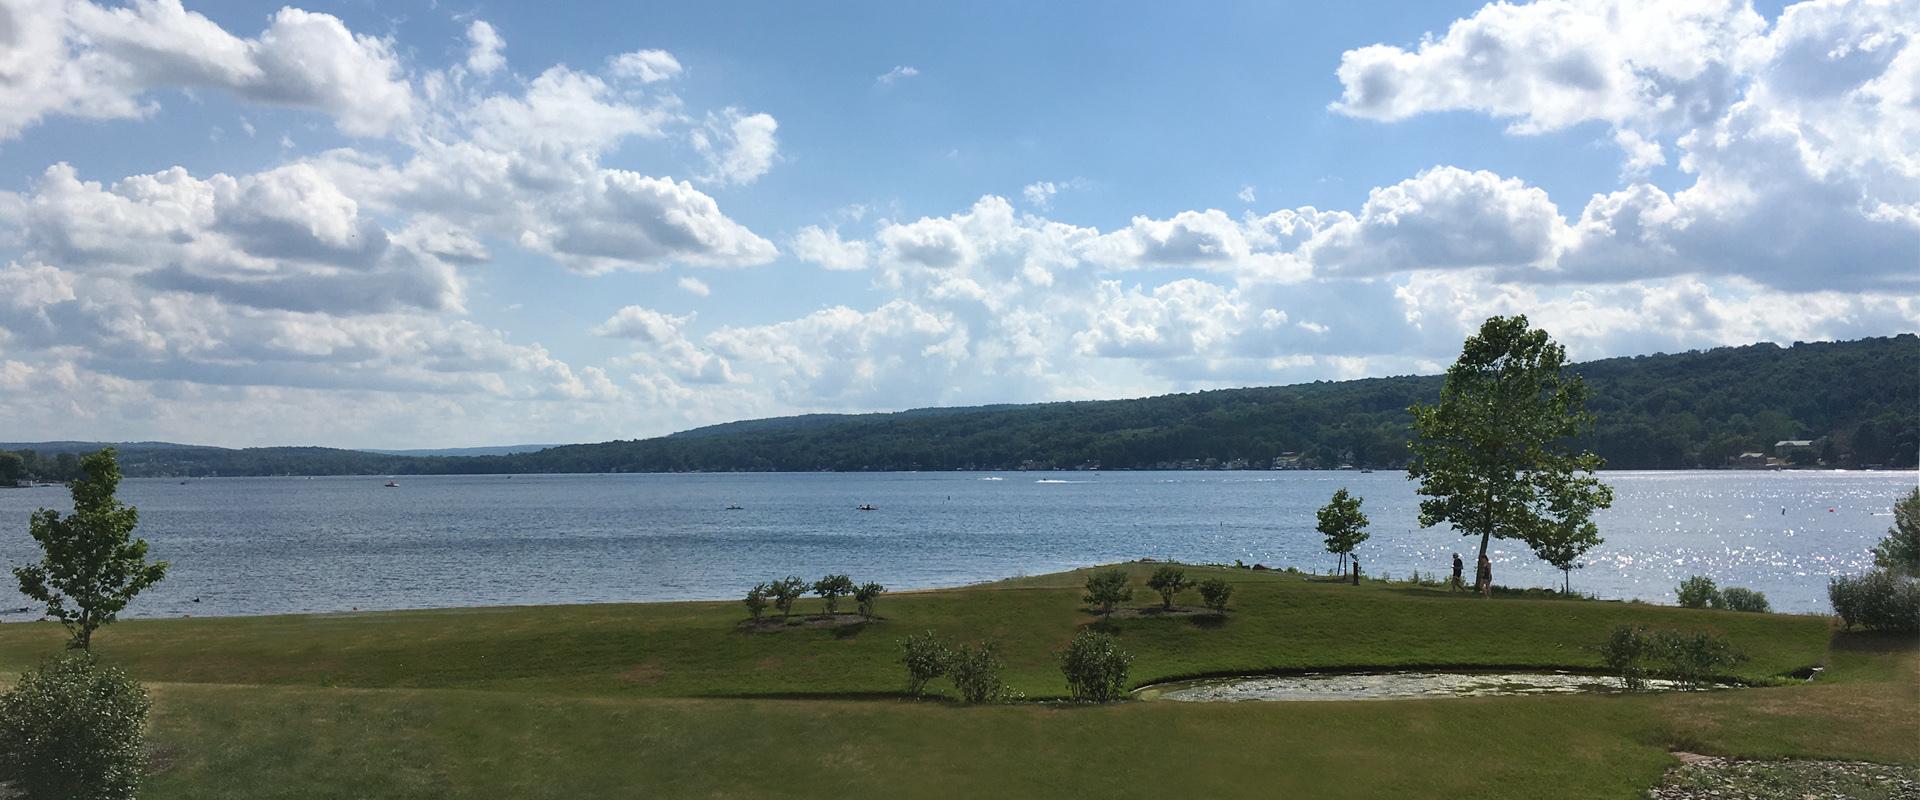 Keuka Lake From The Hampton